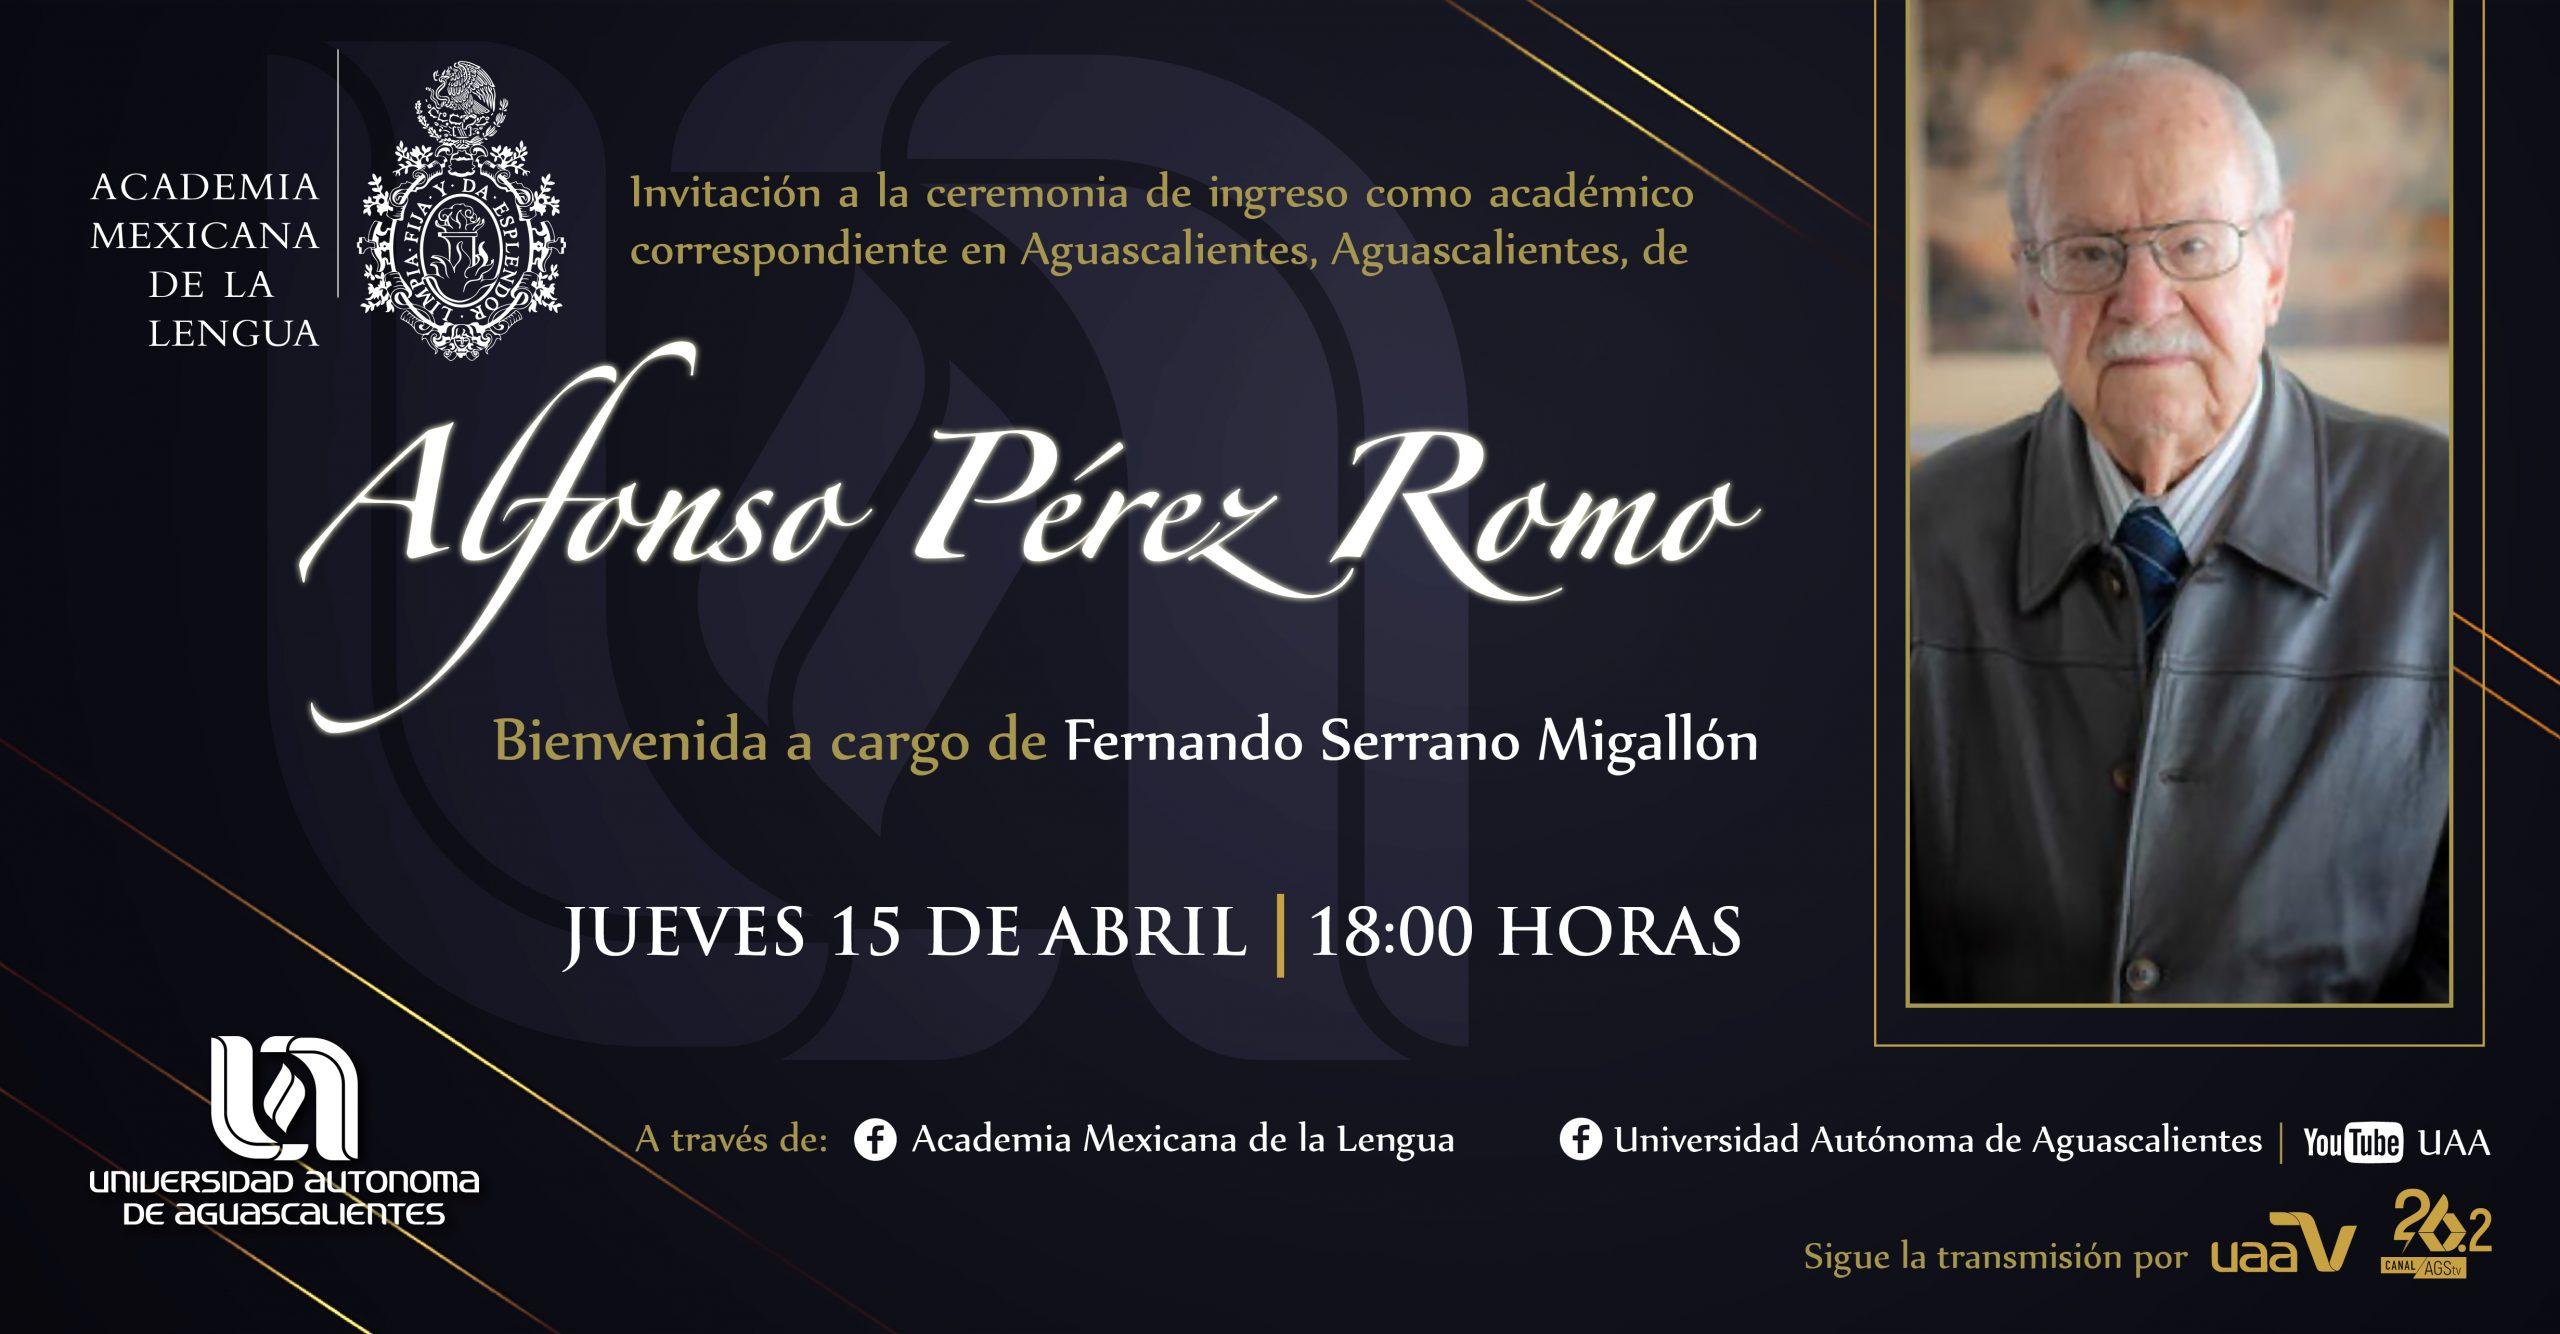 Alfonso Peréz Romo